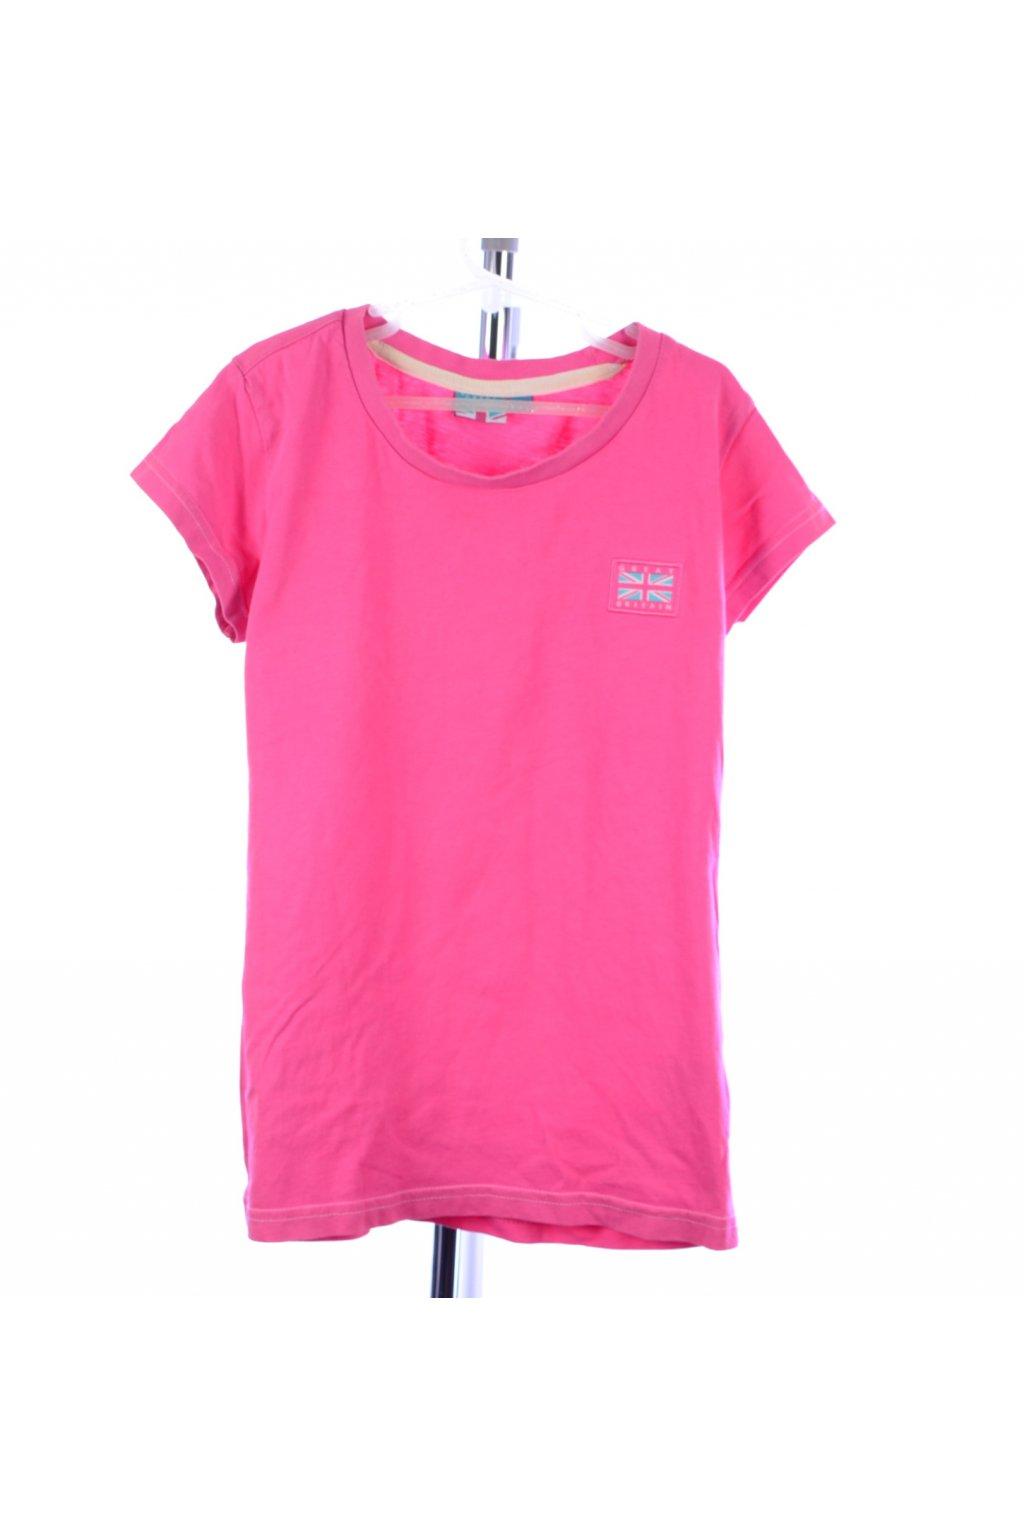 Tričko Great Britain 152 růžové